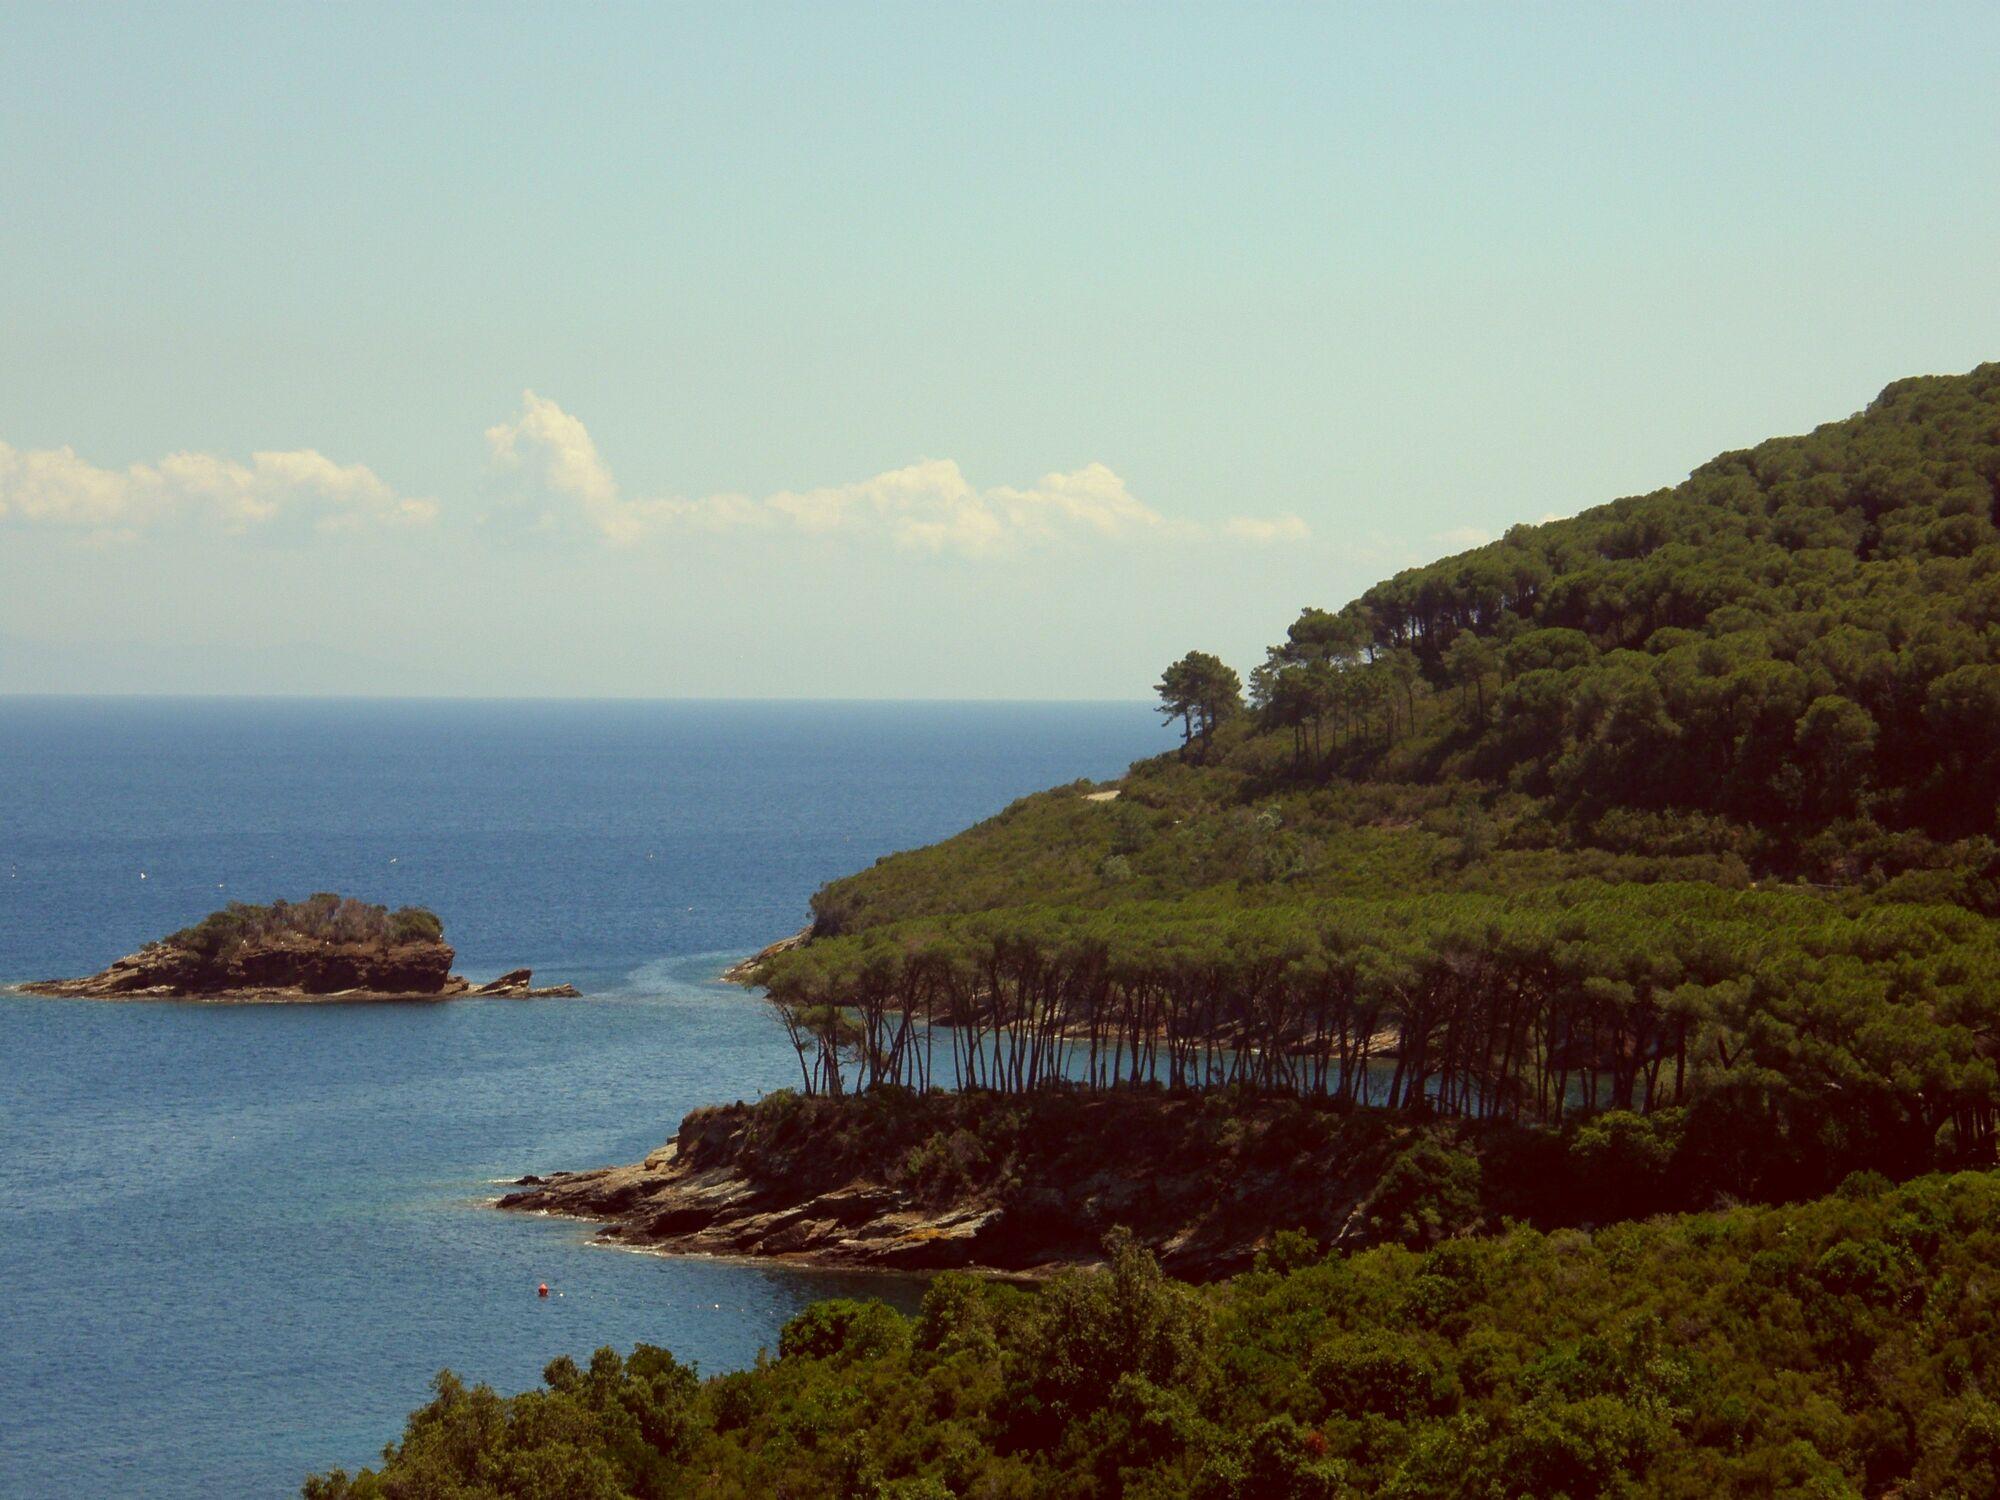 Bild mit Berge, Gewässer, Meer, Insel, Sehnsucht nach Meer